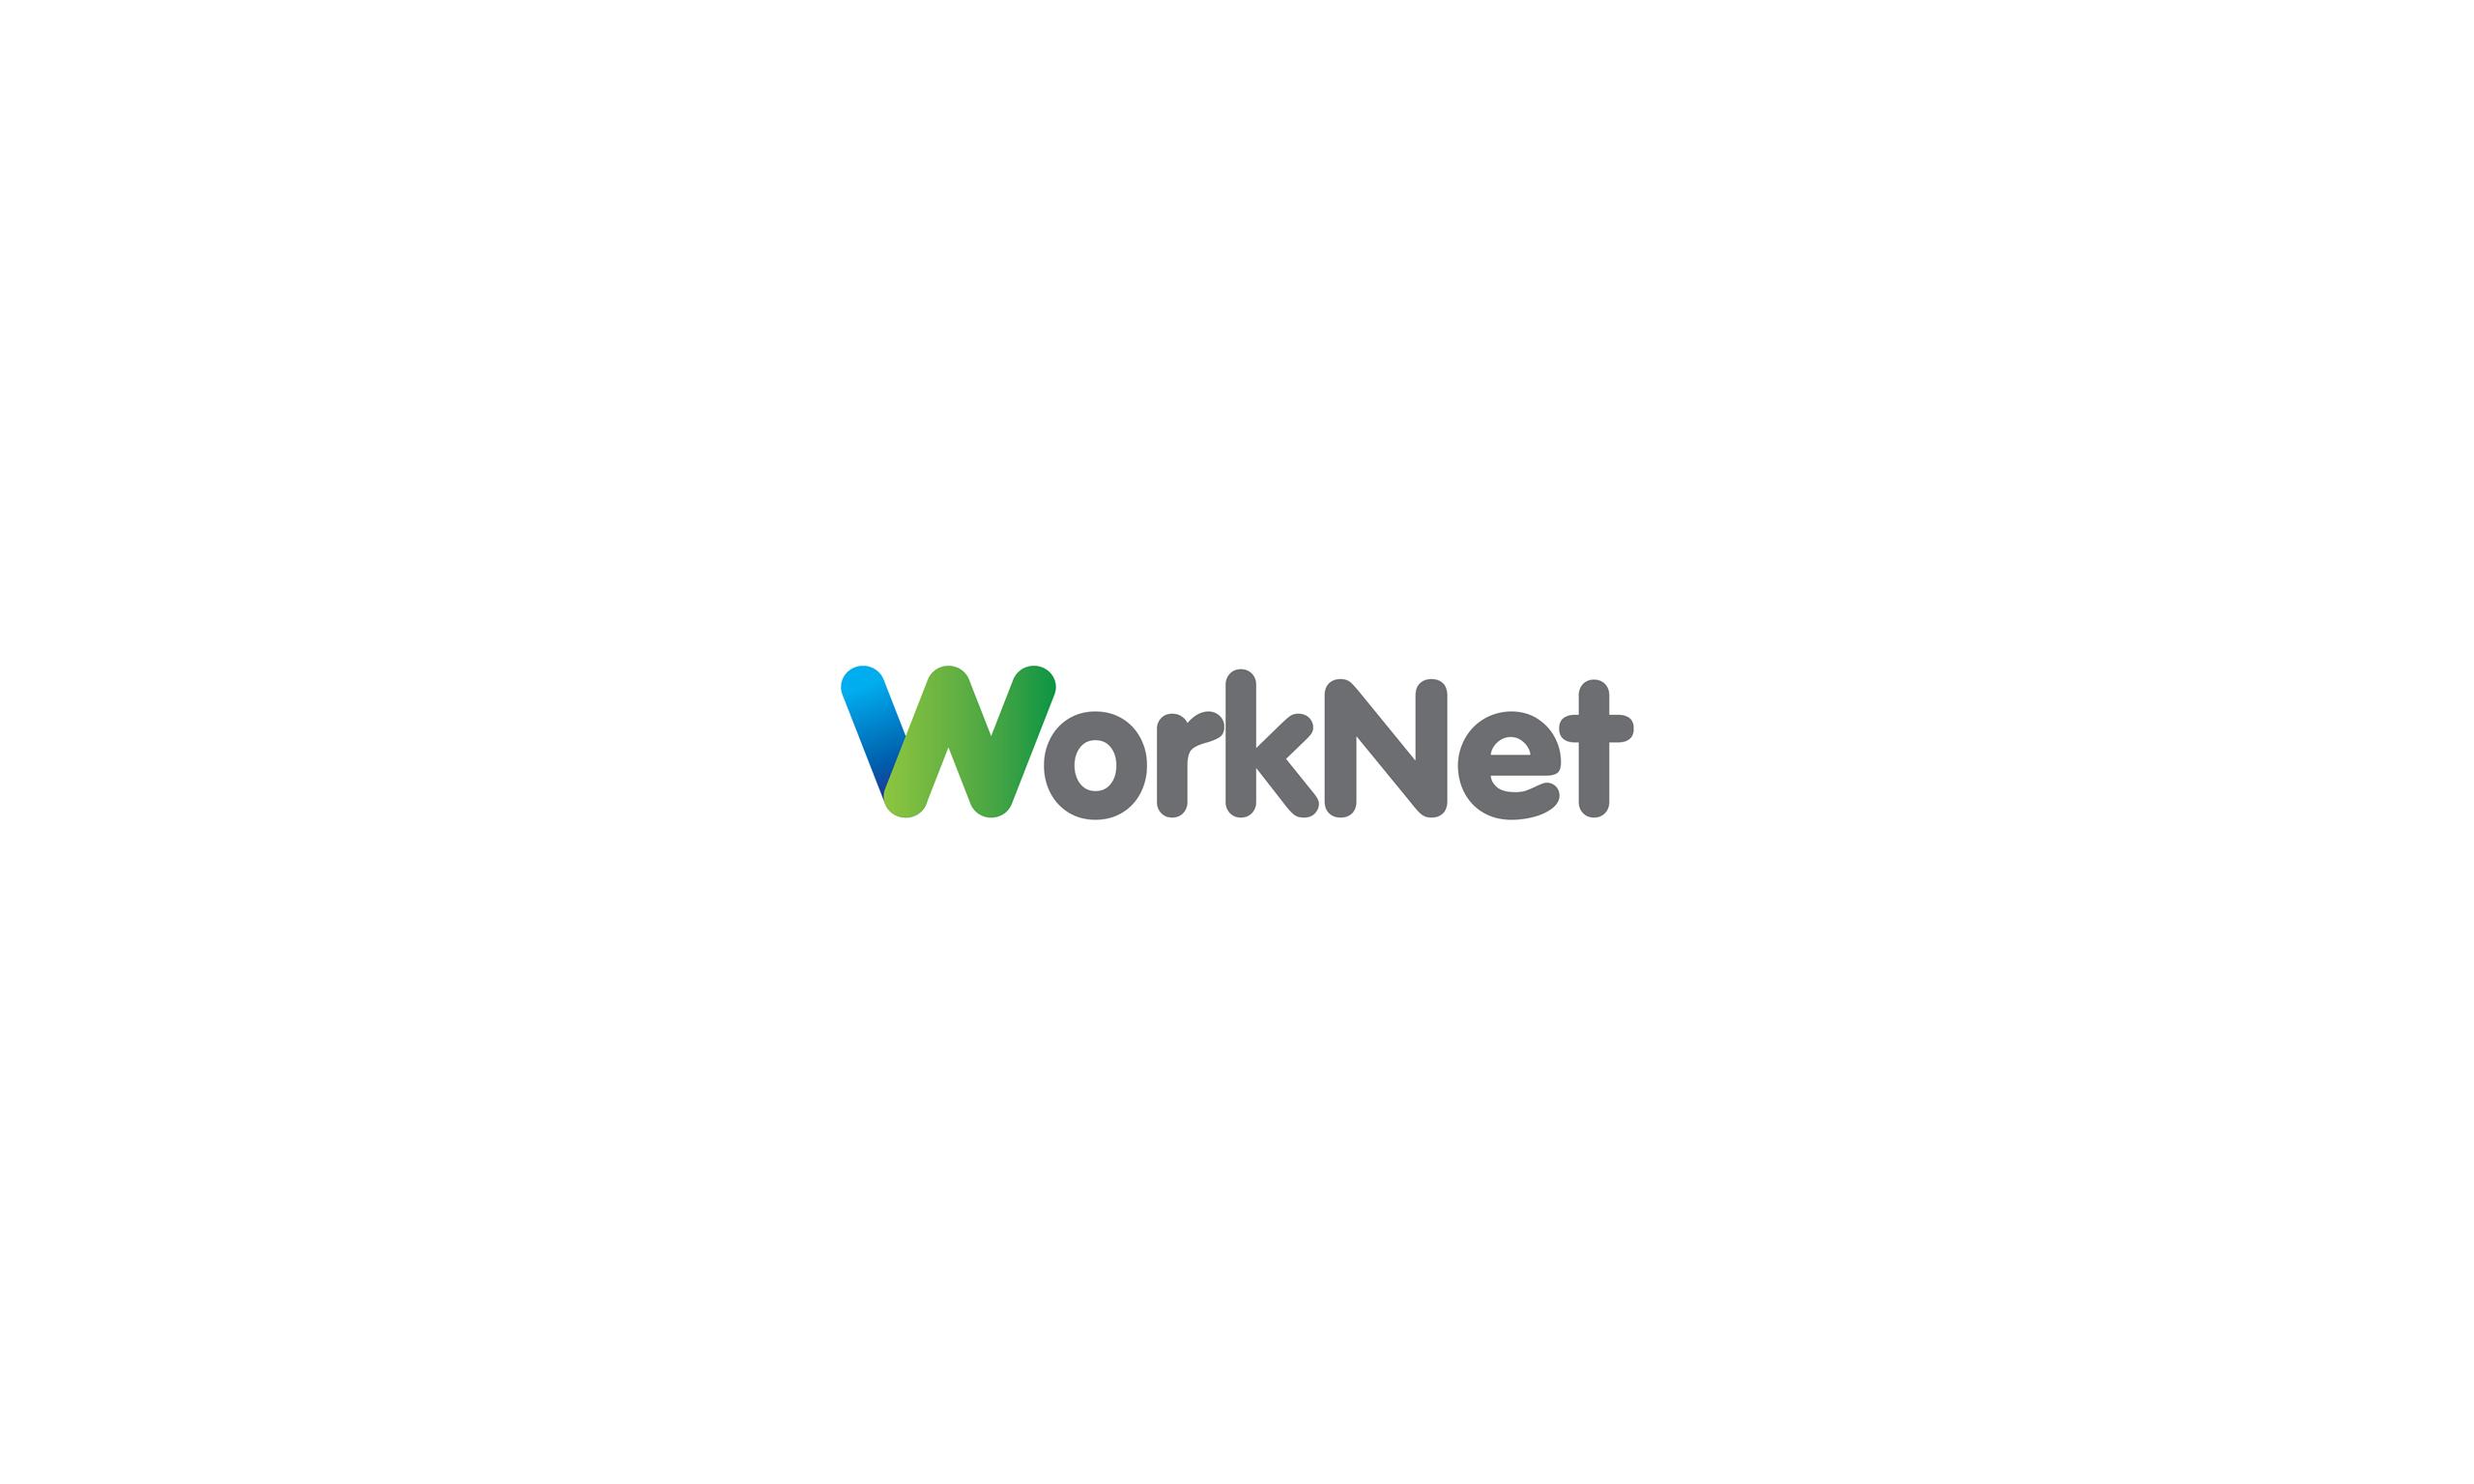 Worknet_Logo_Horizontal_WhiteBG_w2560_quality100